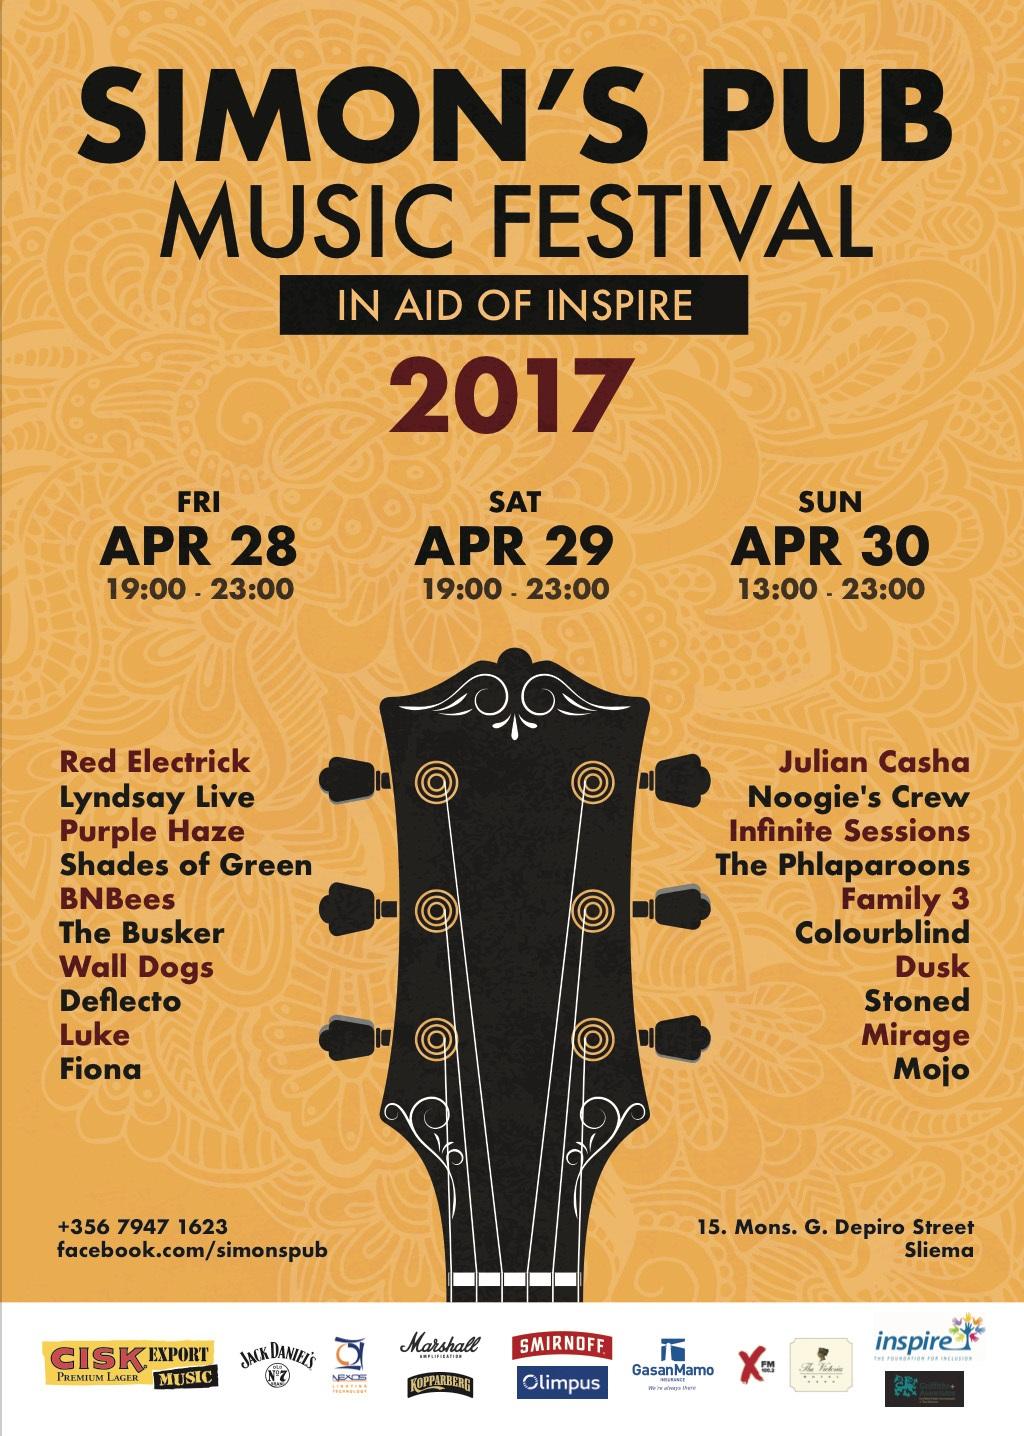 Simon's Pub Music Festival 2017 in aid of Inspire